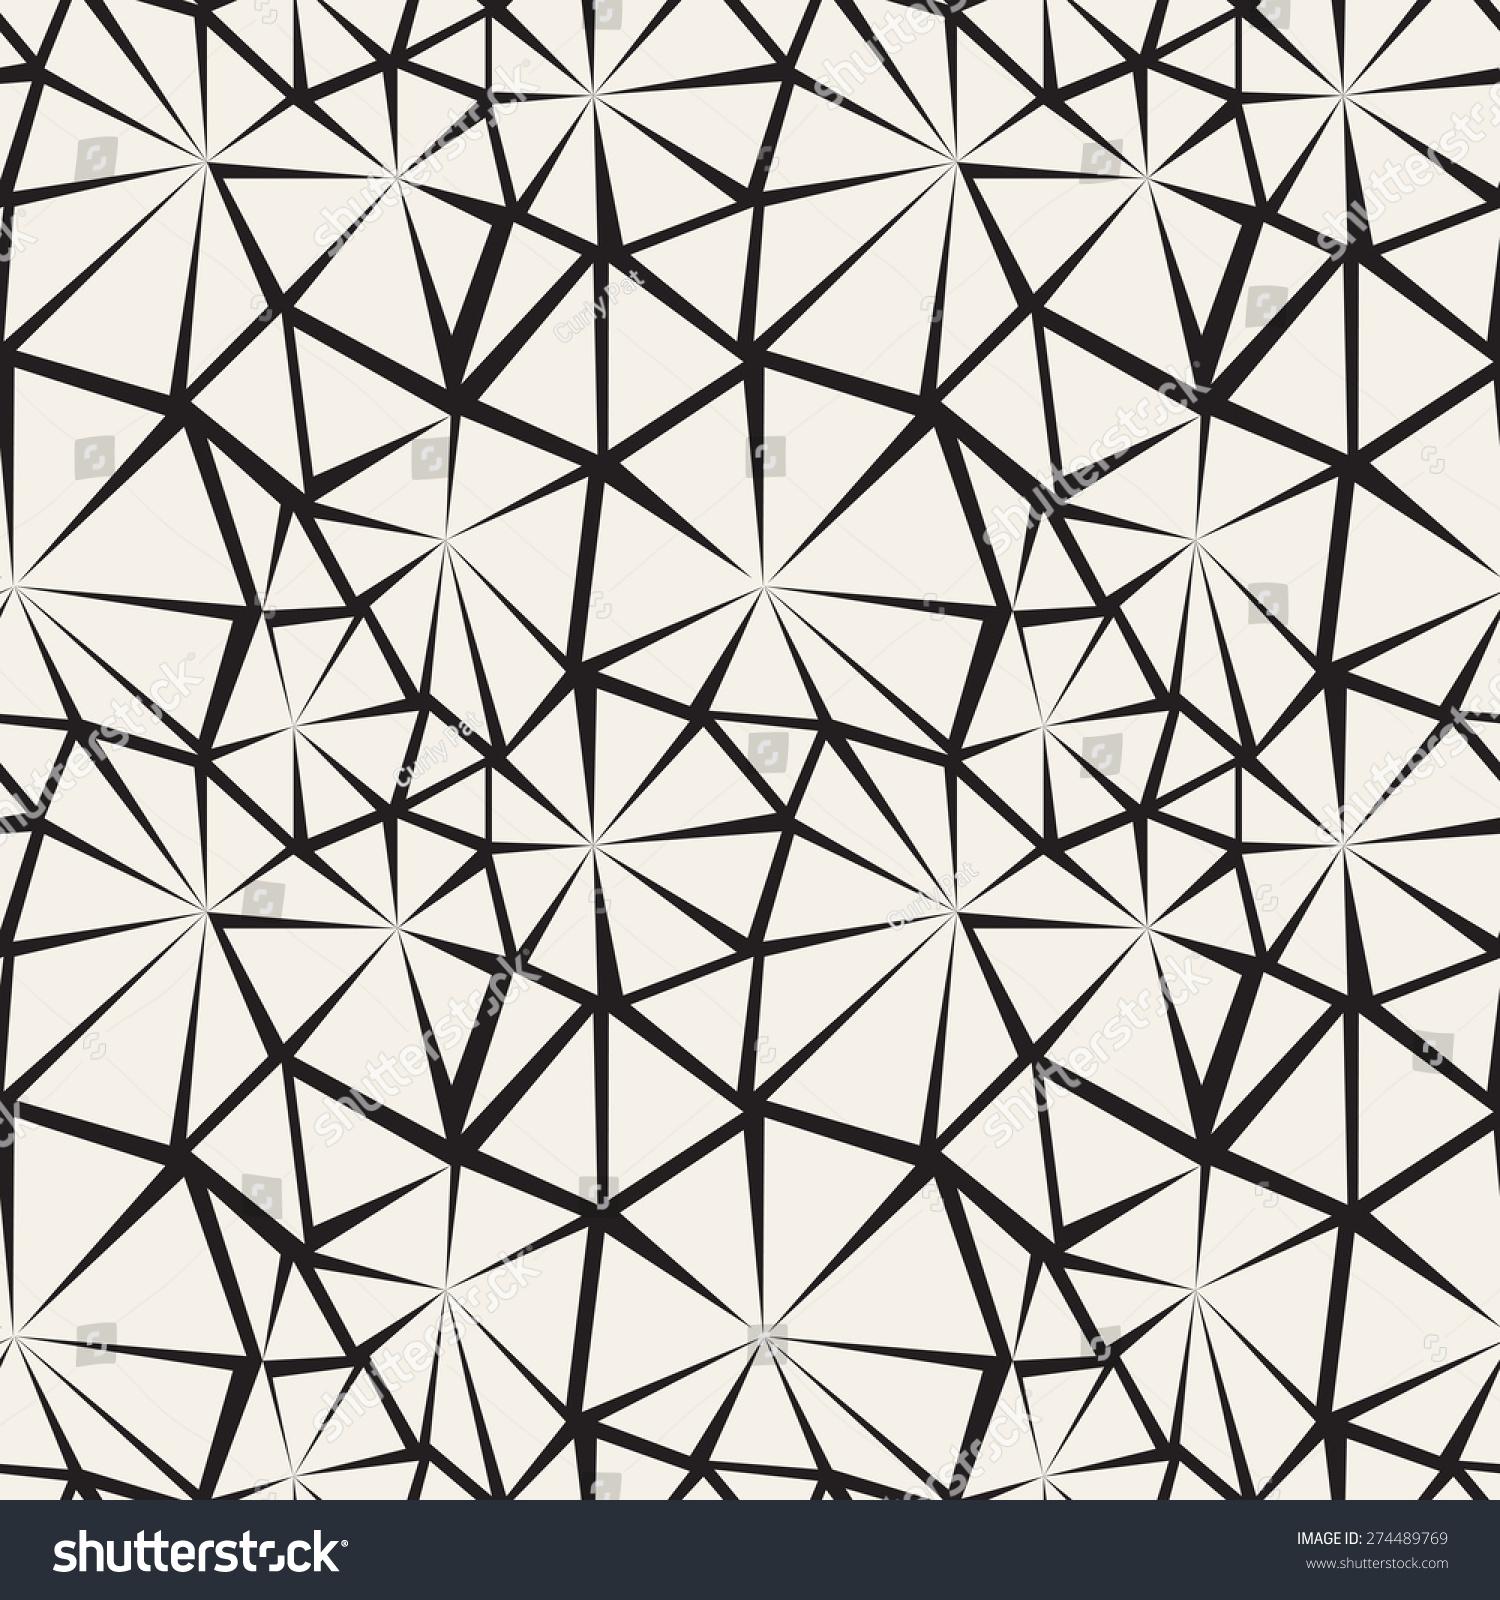 不规则的抽象的网格.图形手绘背景.潮人